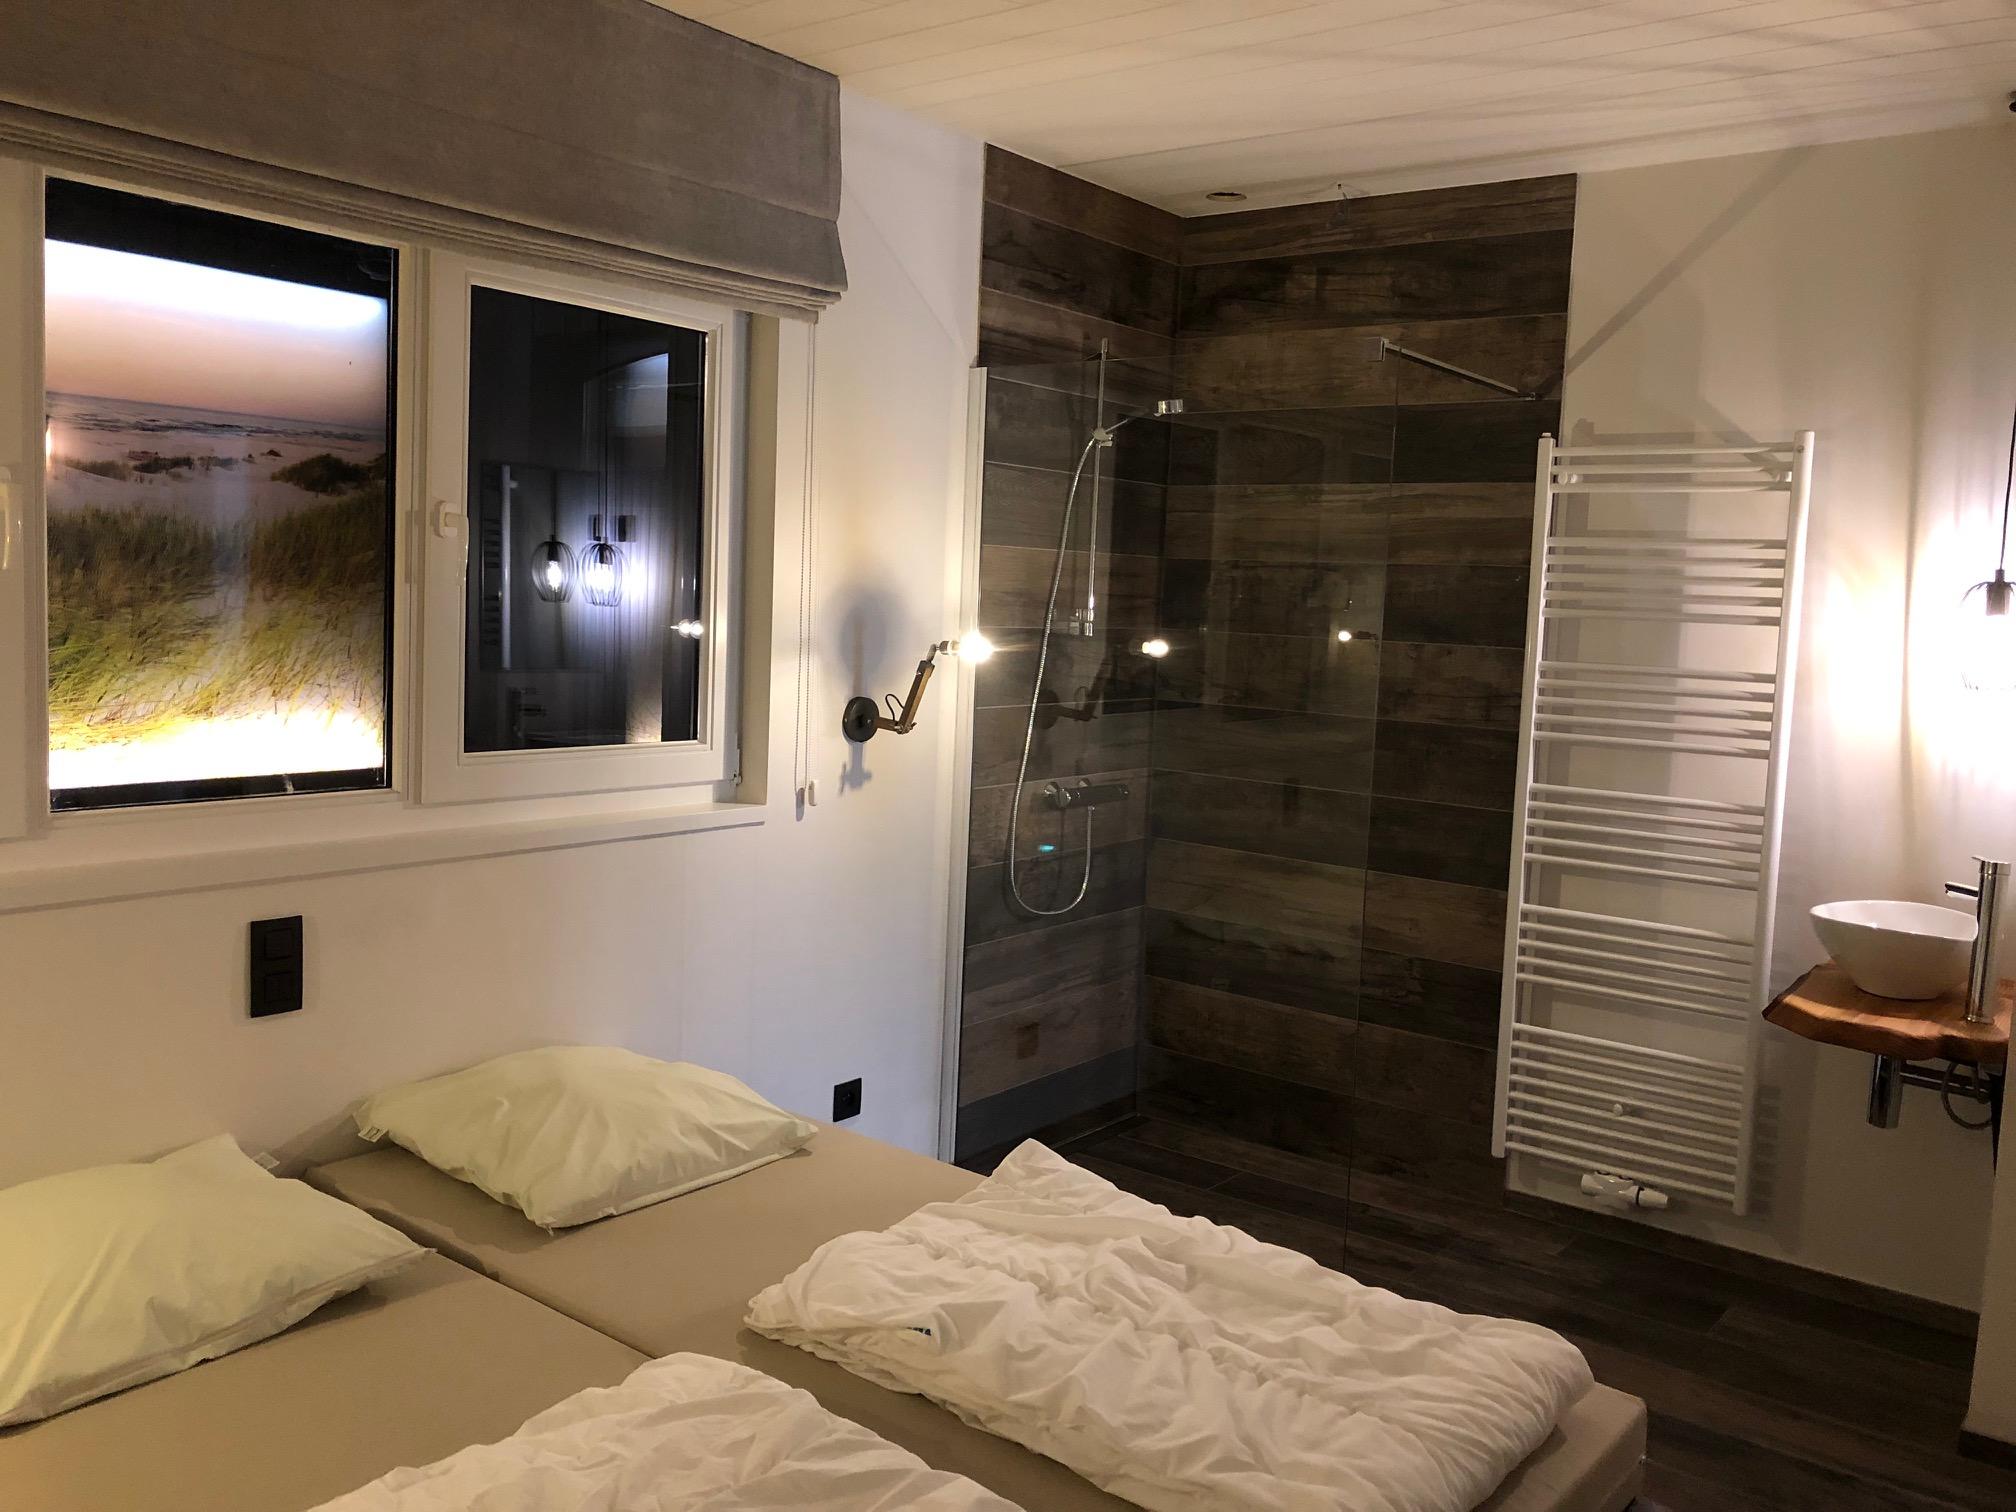 slaapkamer huisje Marcel Veldhuis